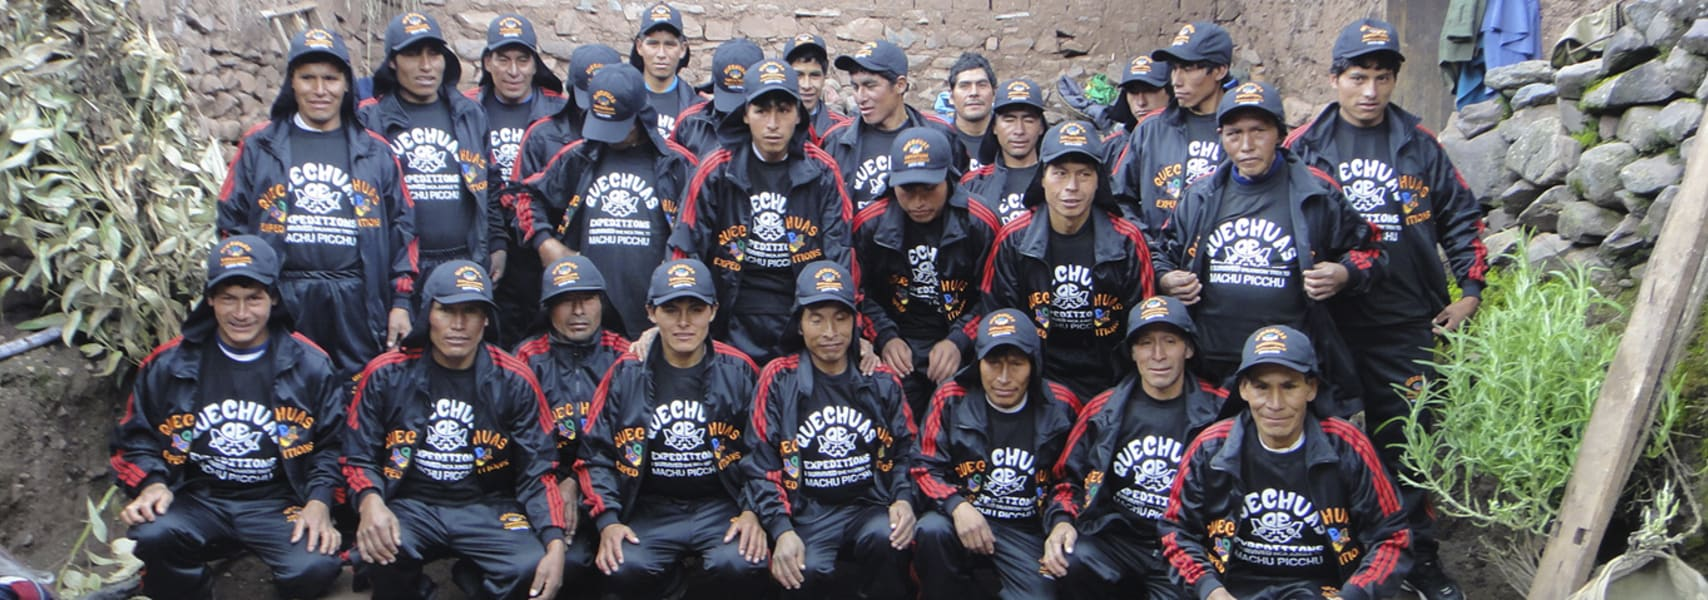 Quechuas Expeditions Cusco Peru Some of the Quechuas Expeditions team